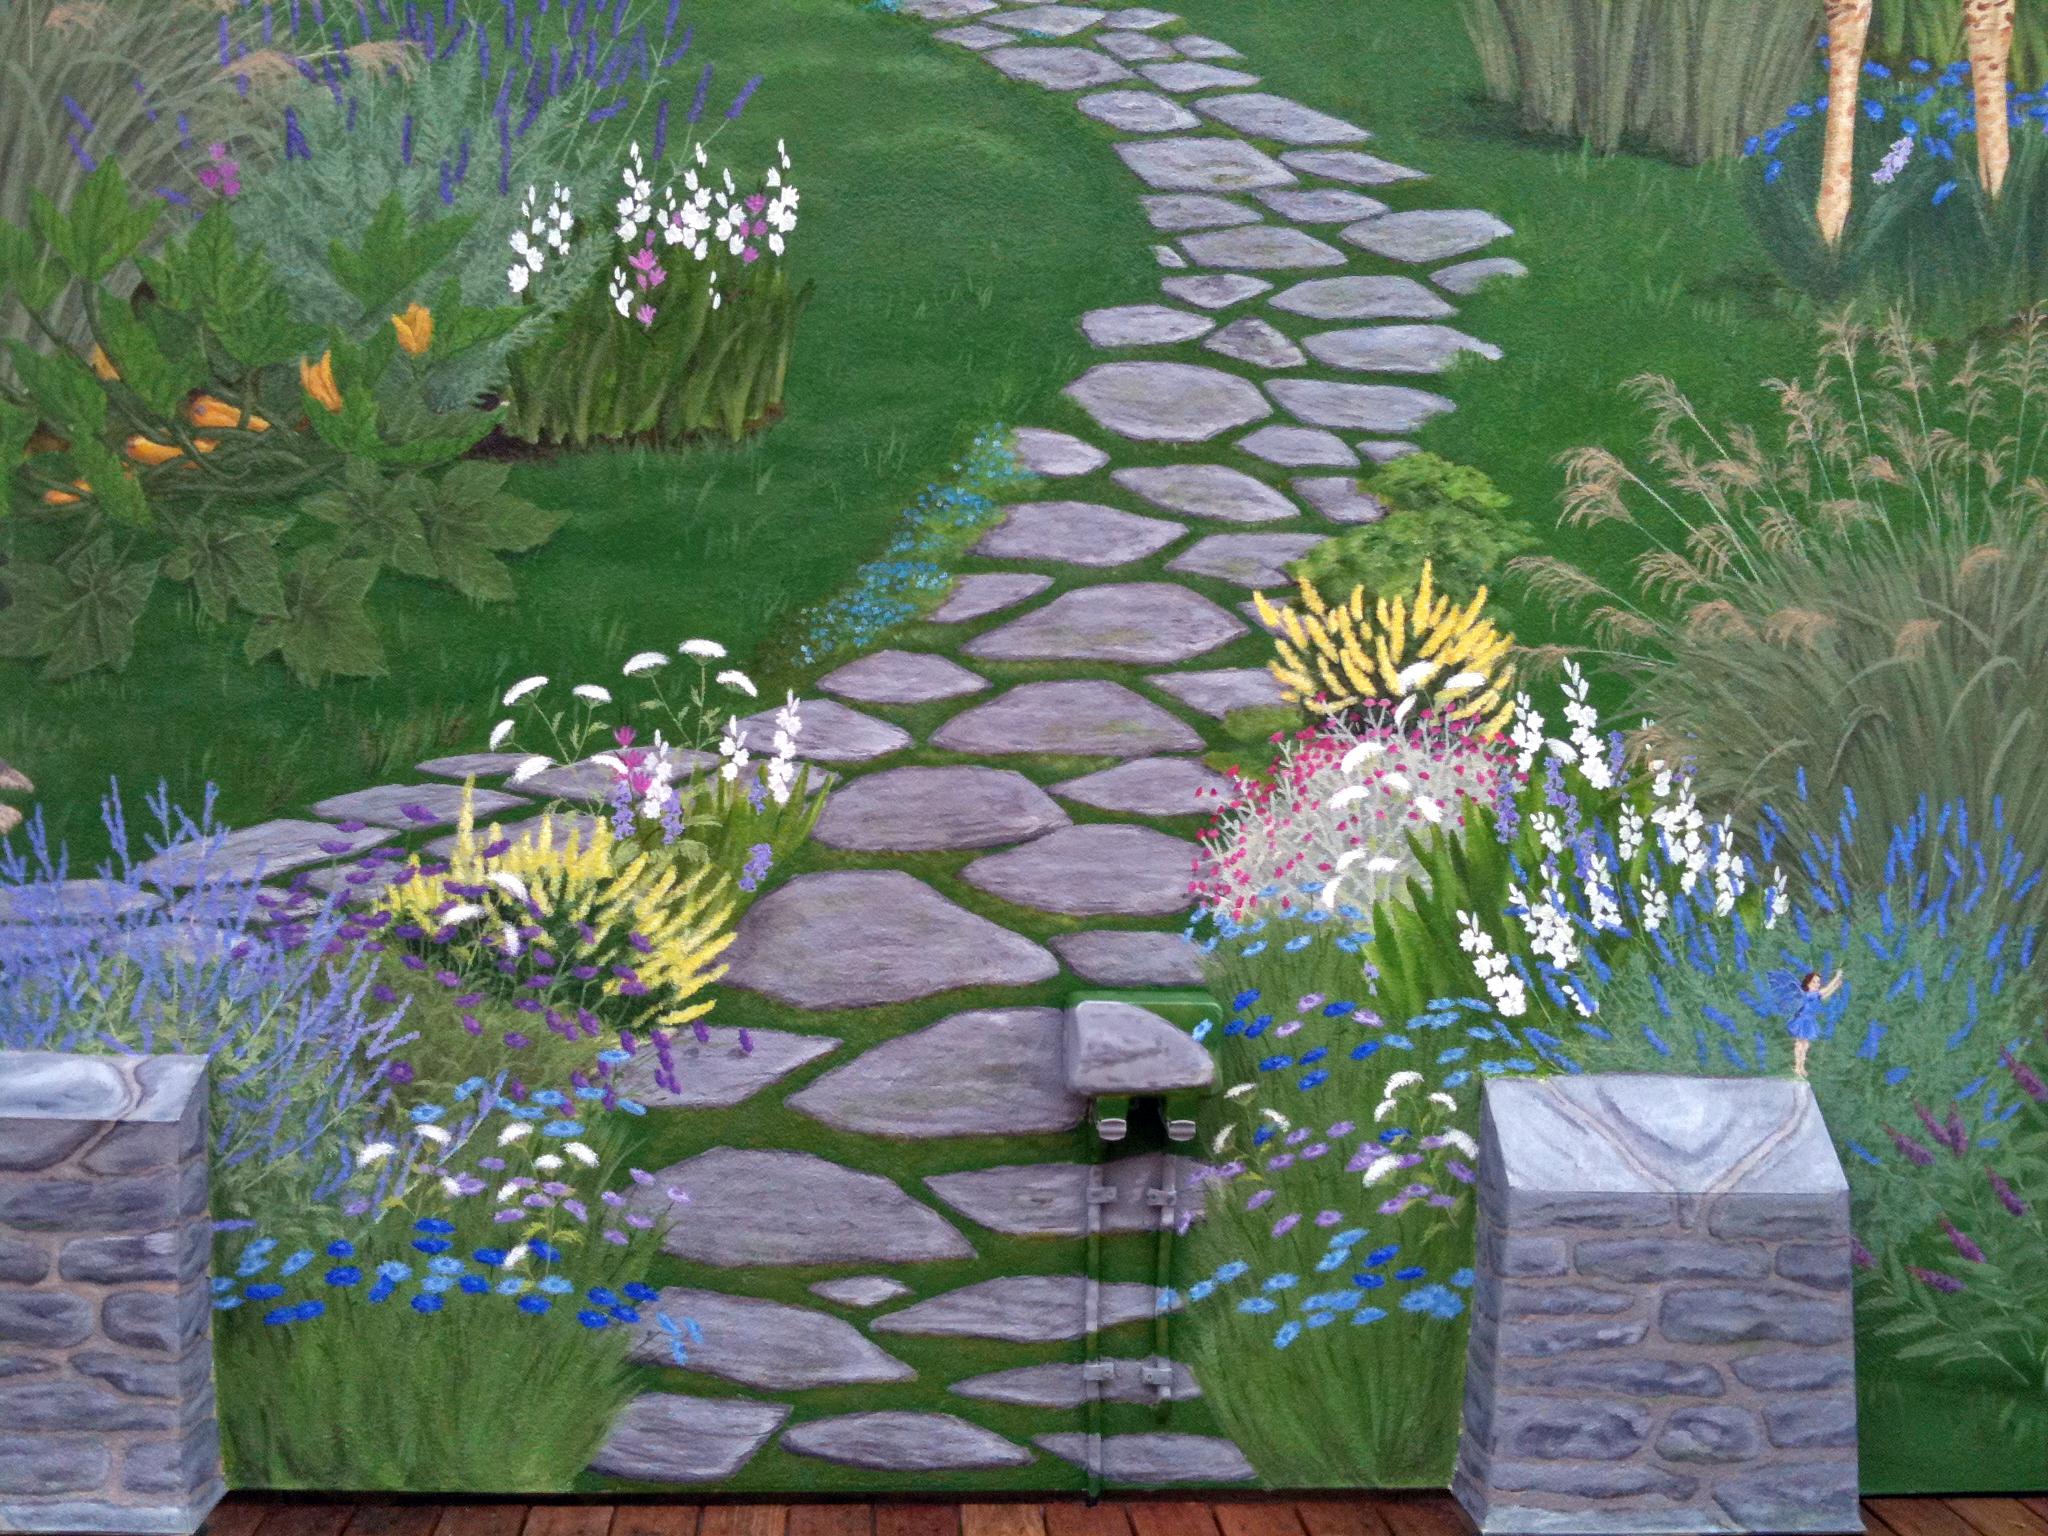 Secret Garden 4 Frederick Wimsett - murals and artistic design - other projects.jpg